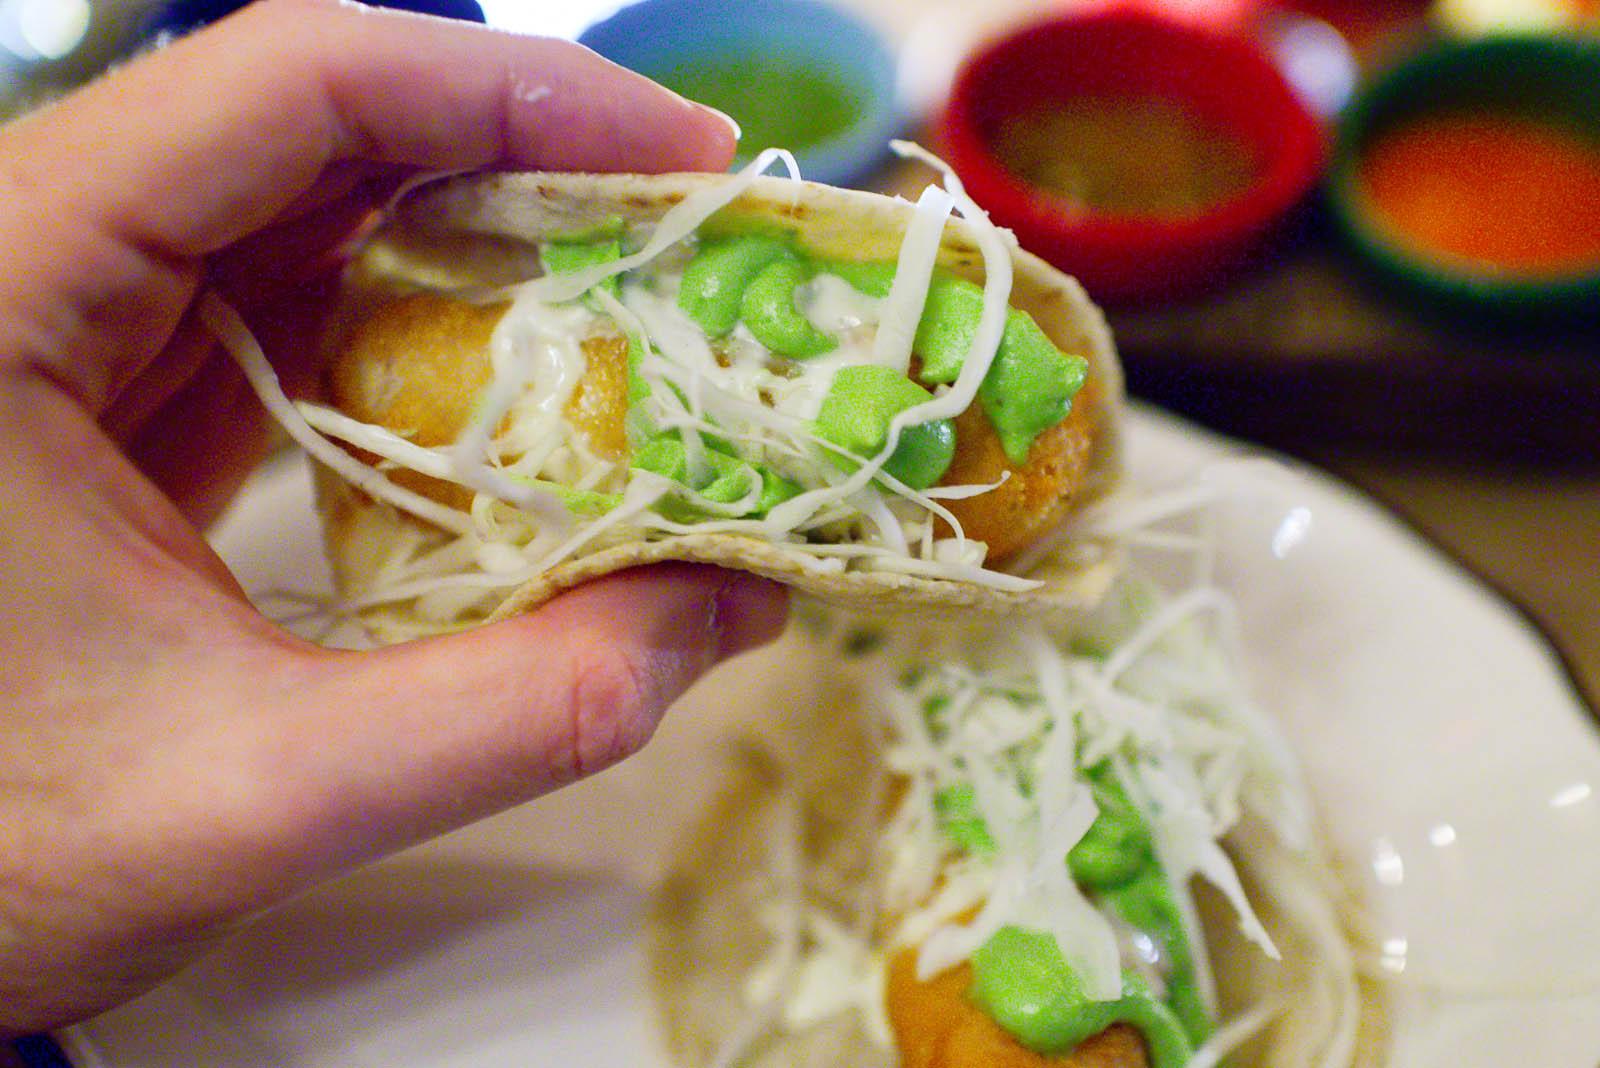 Taco de pescado estilo ensenada - striped bass, cabbage, avocado